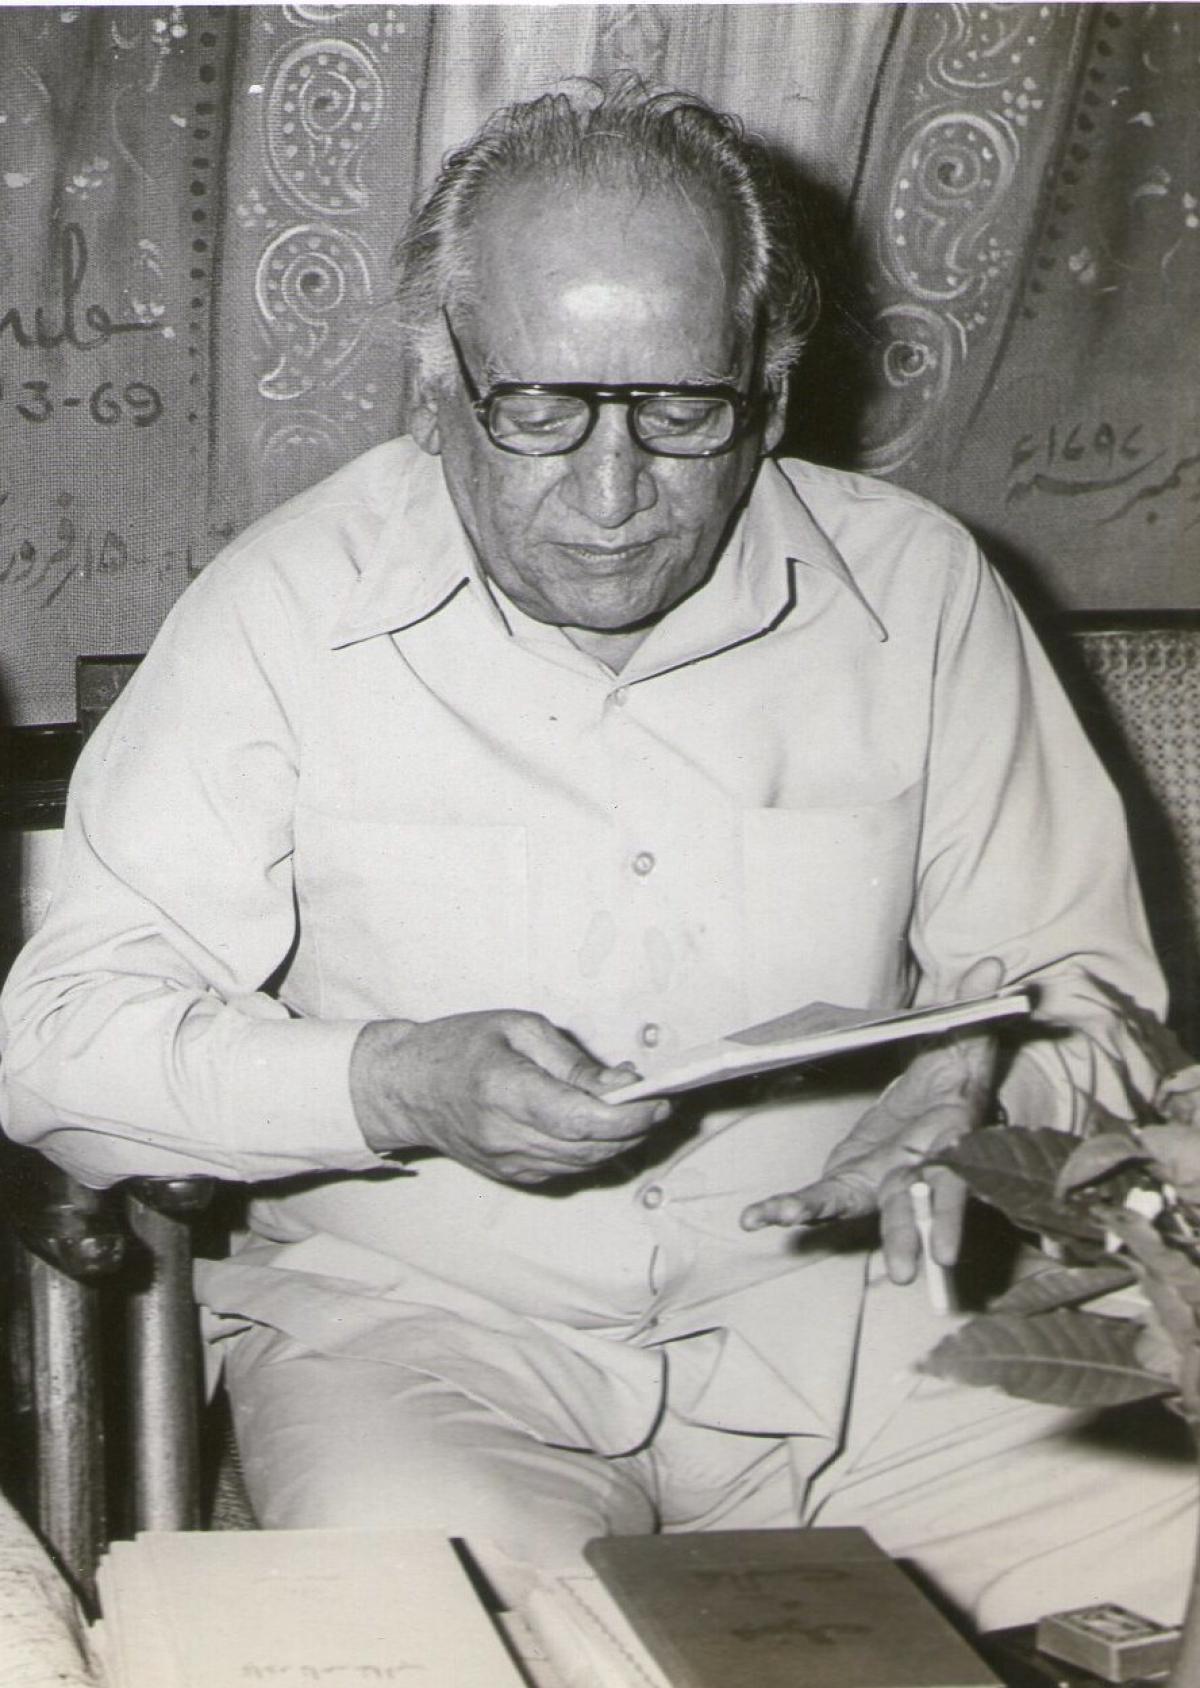 ஃபைஸ் அகமது ஃபைஸ்